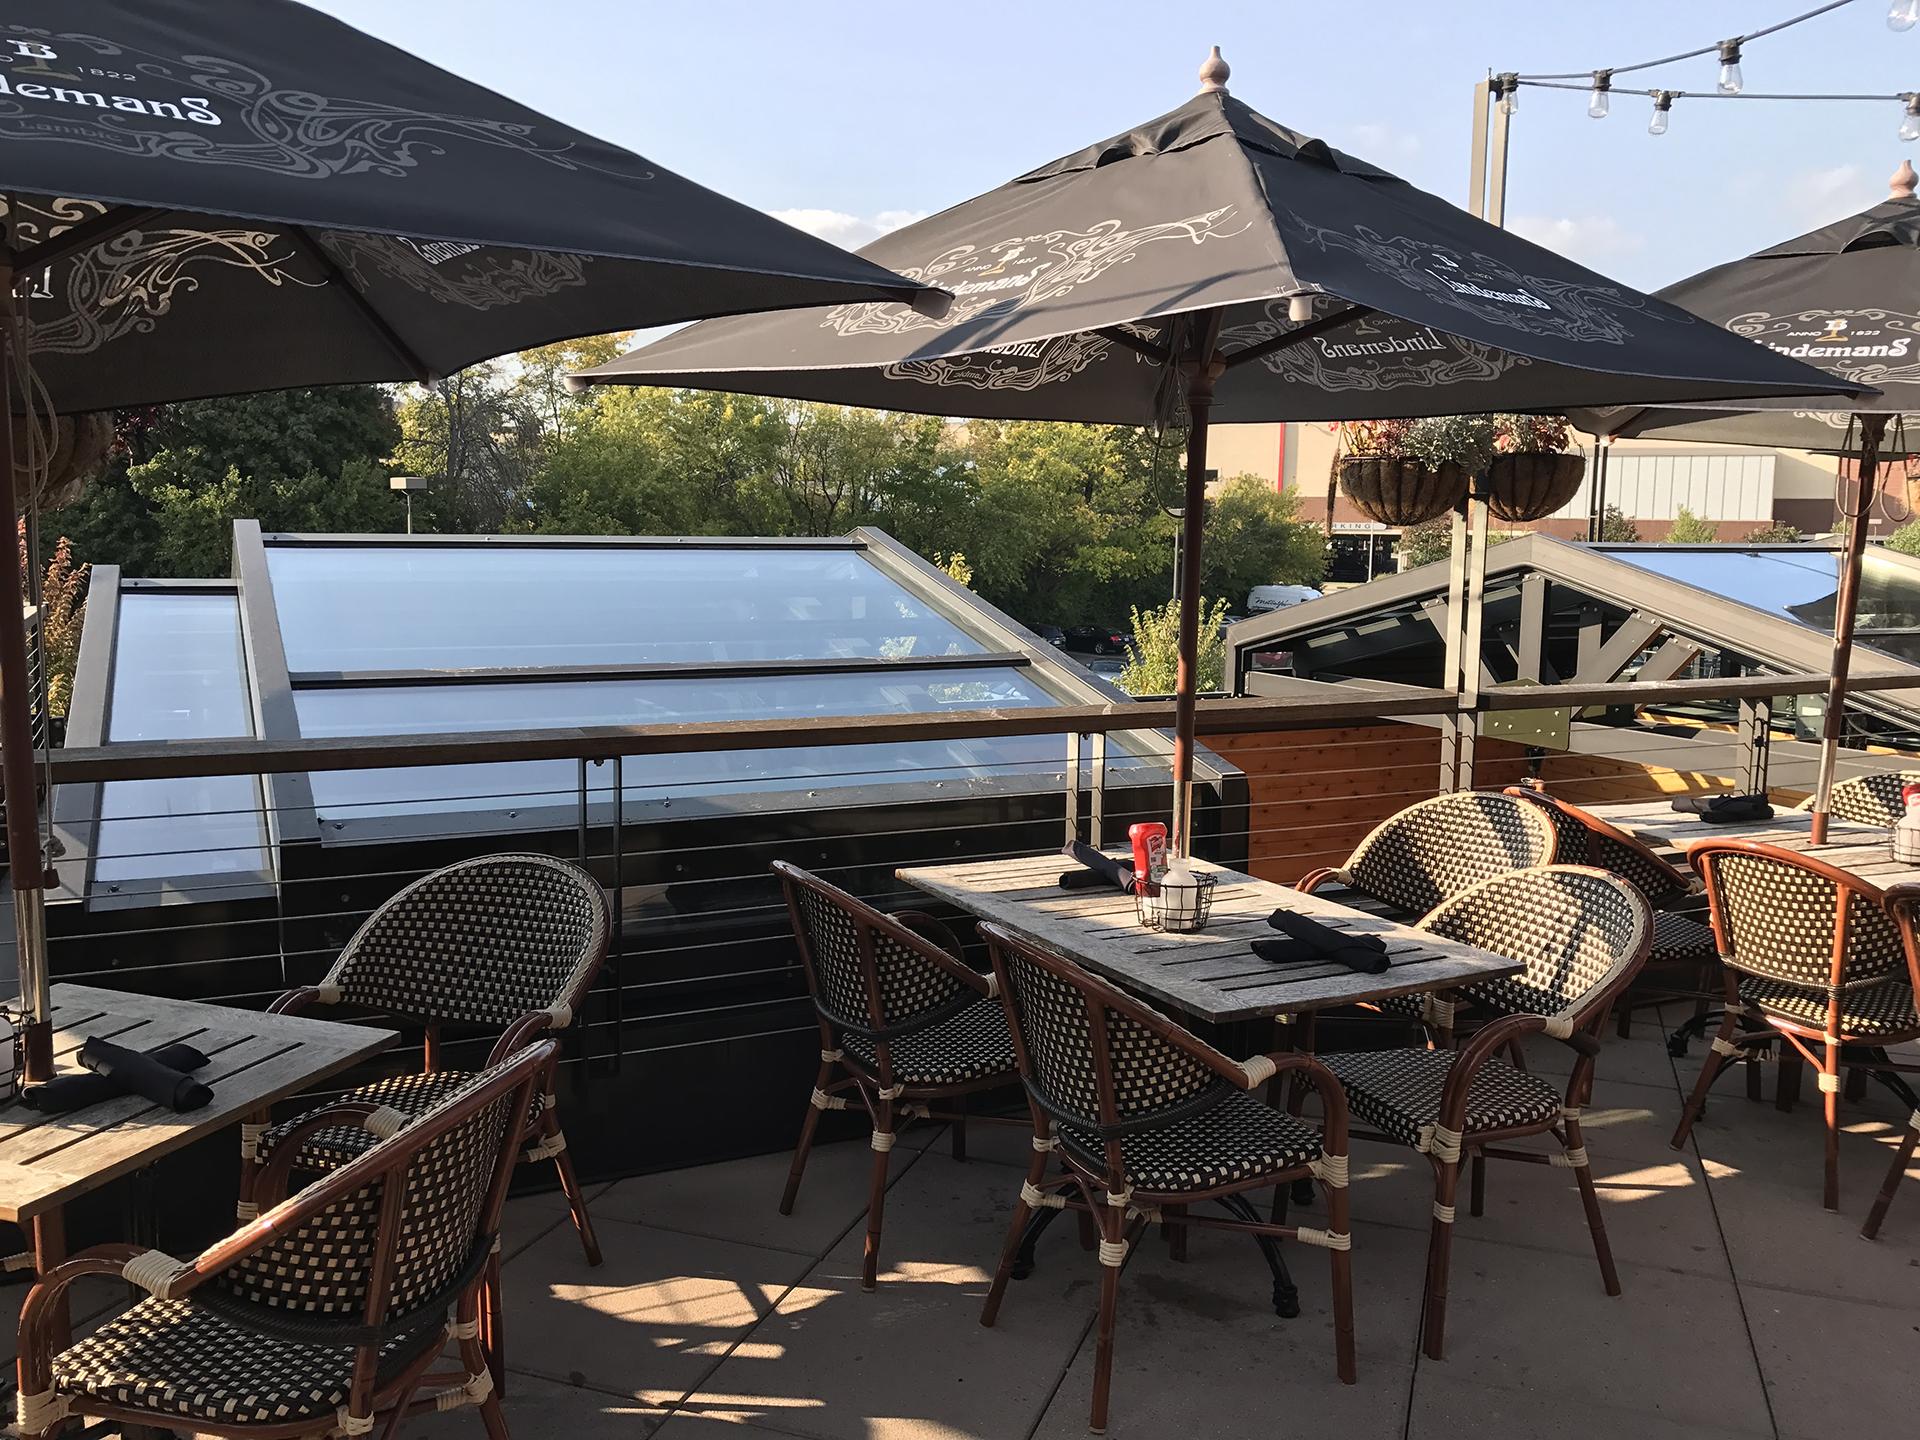 Rooftop view of retractable skylight in restaurant